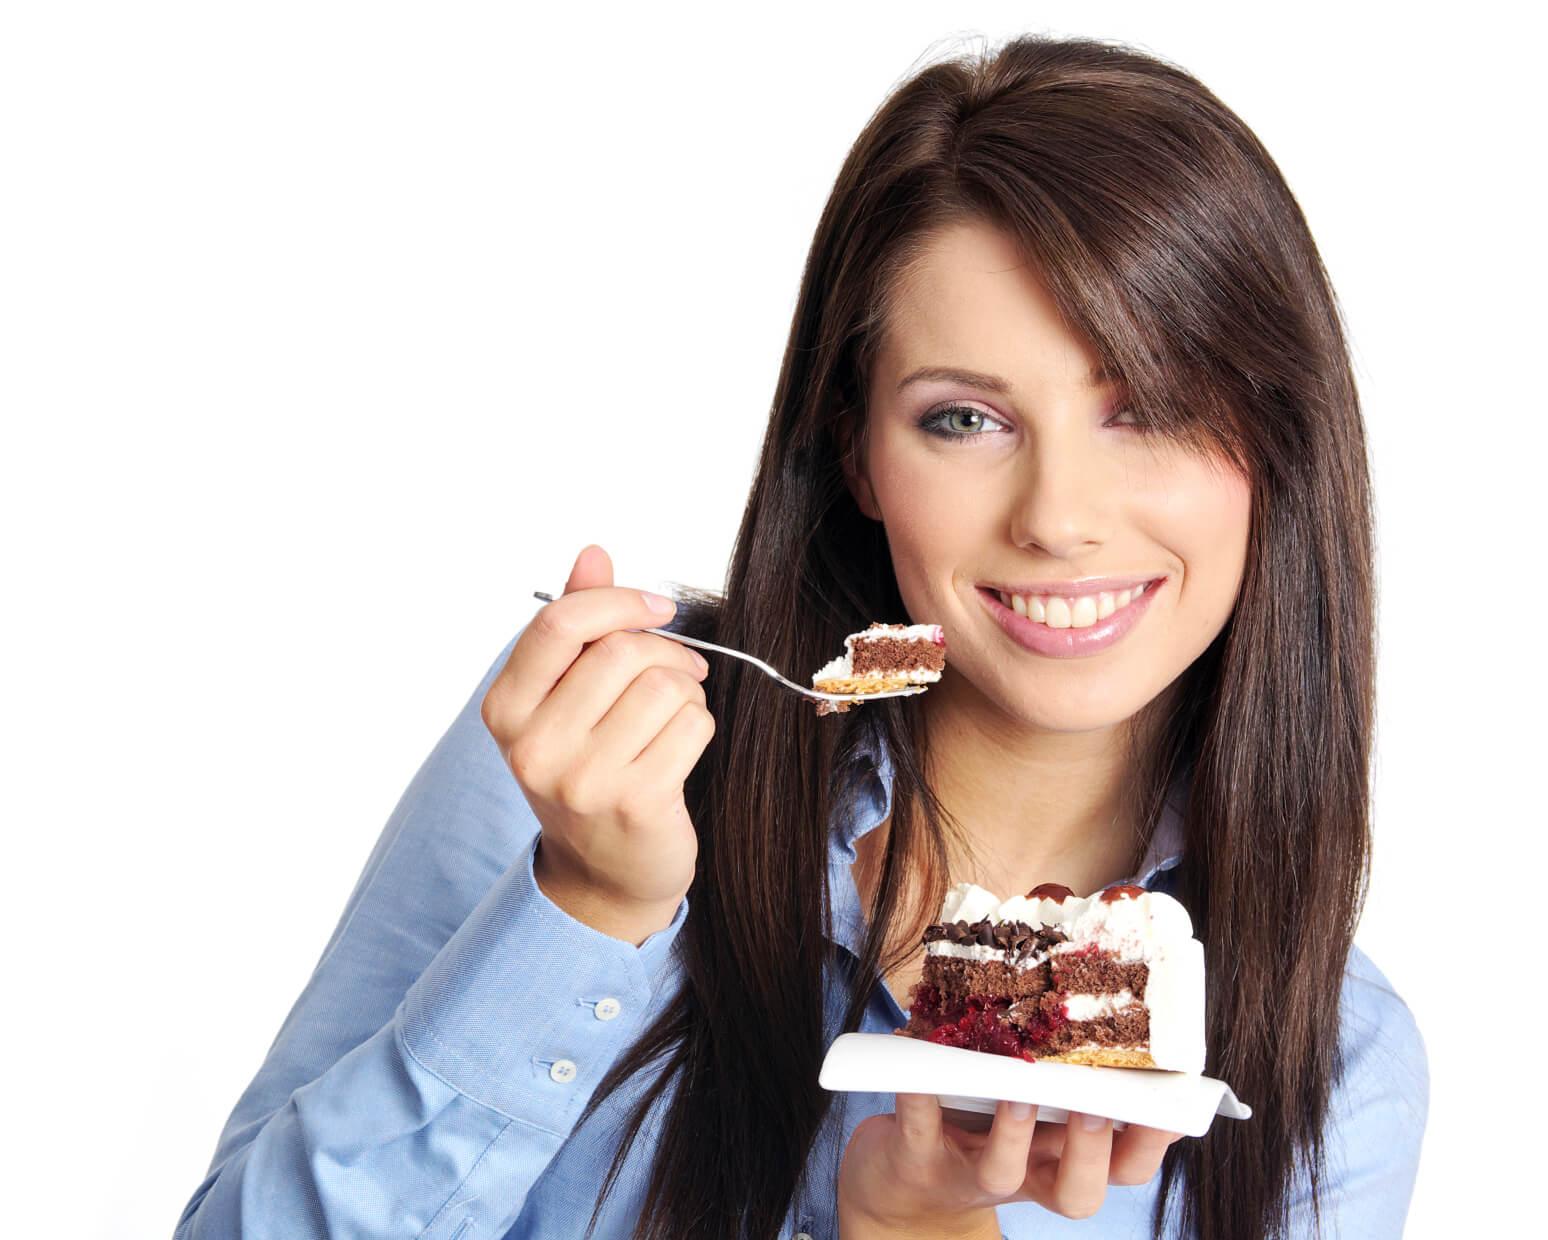 люди которые едят сладкое картинки лапу хвост, собака